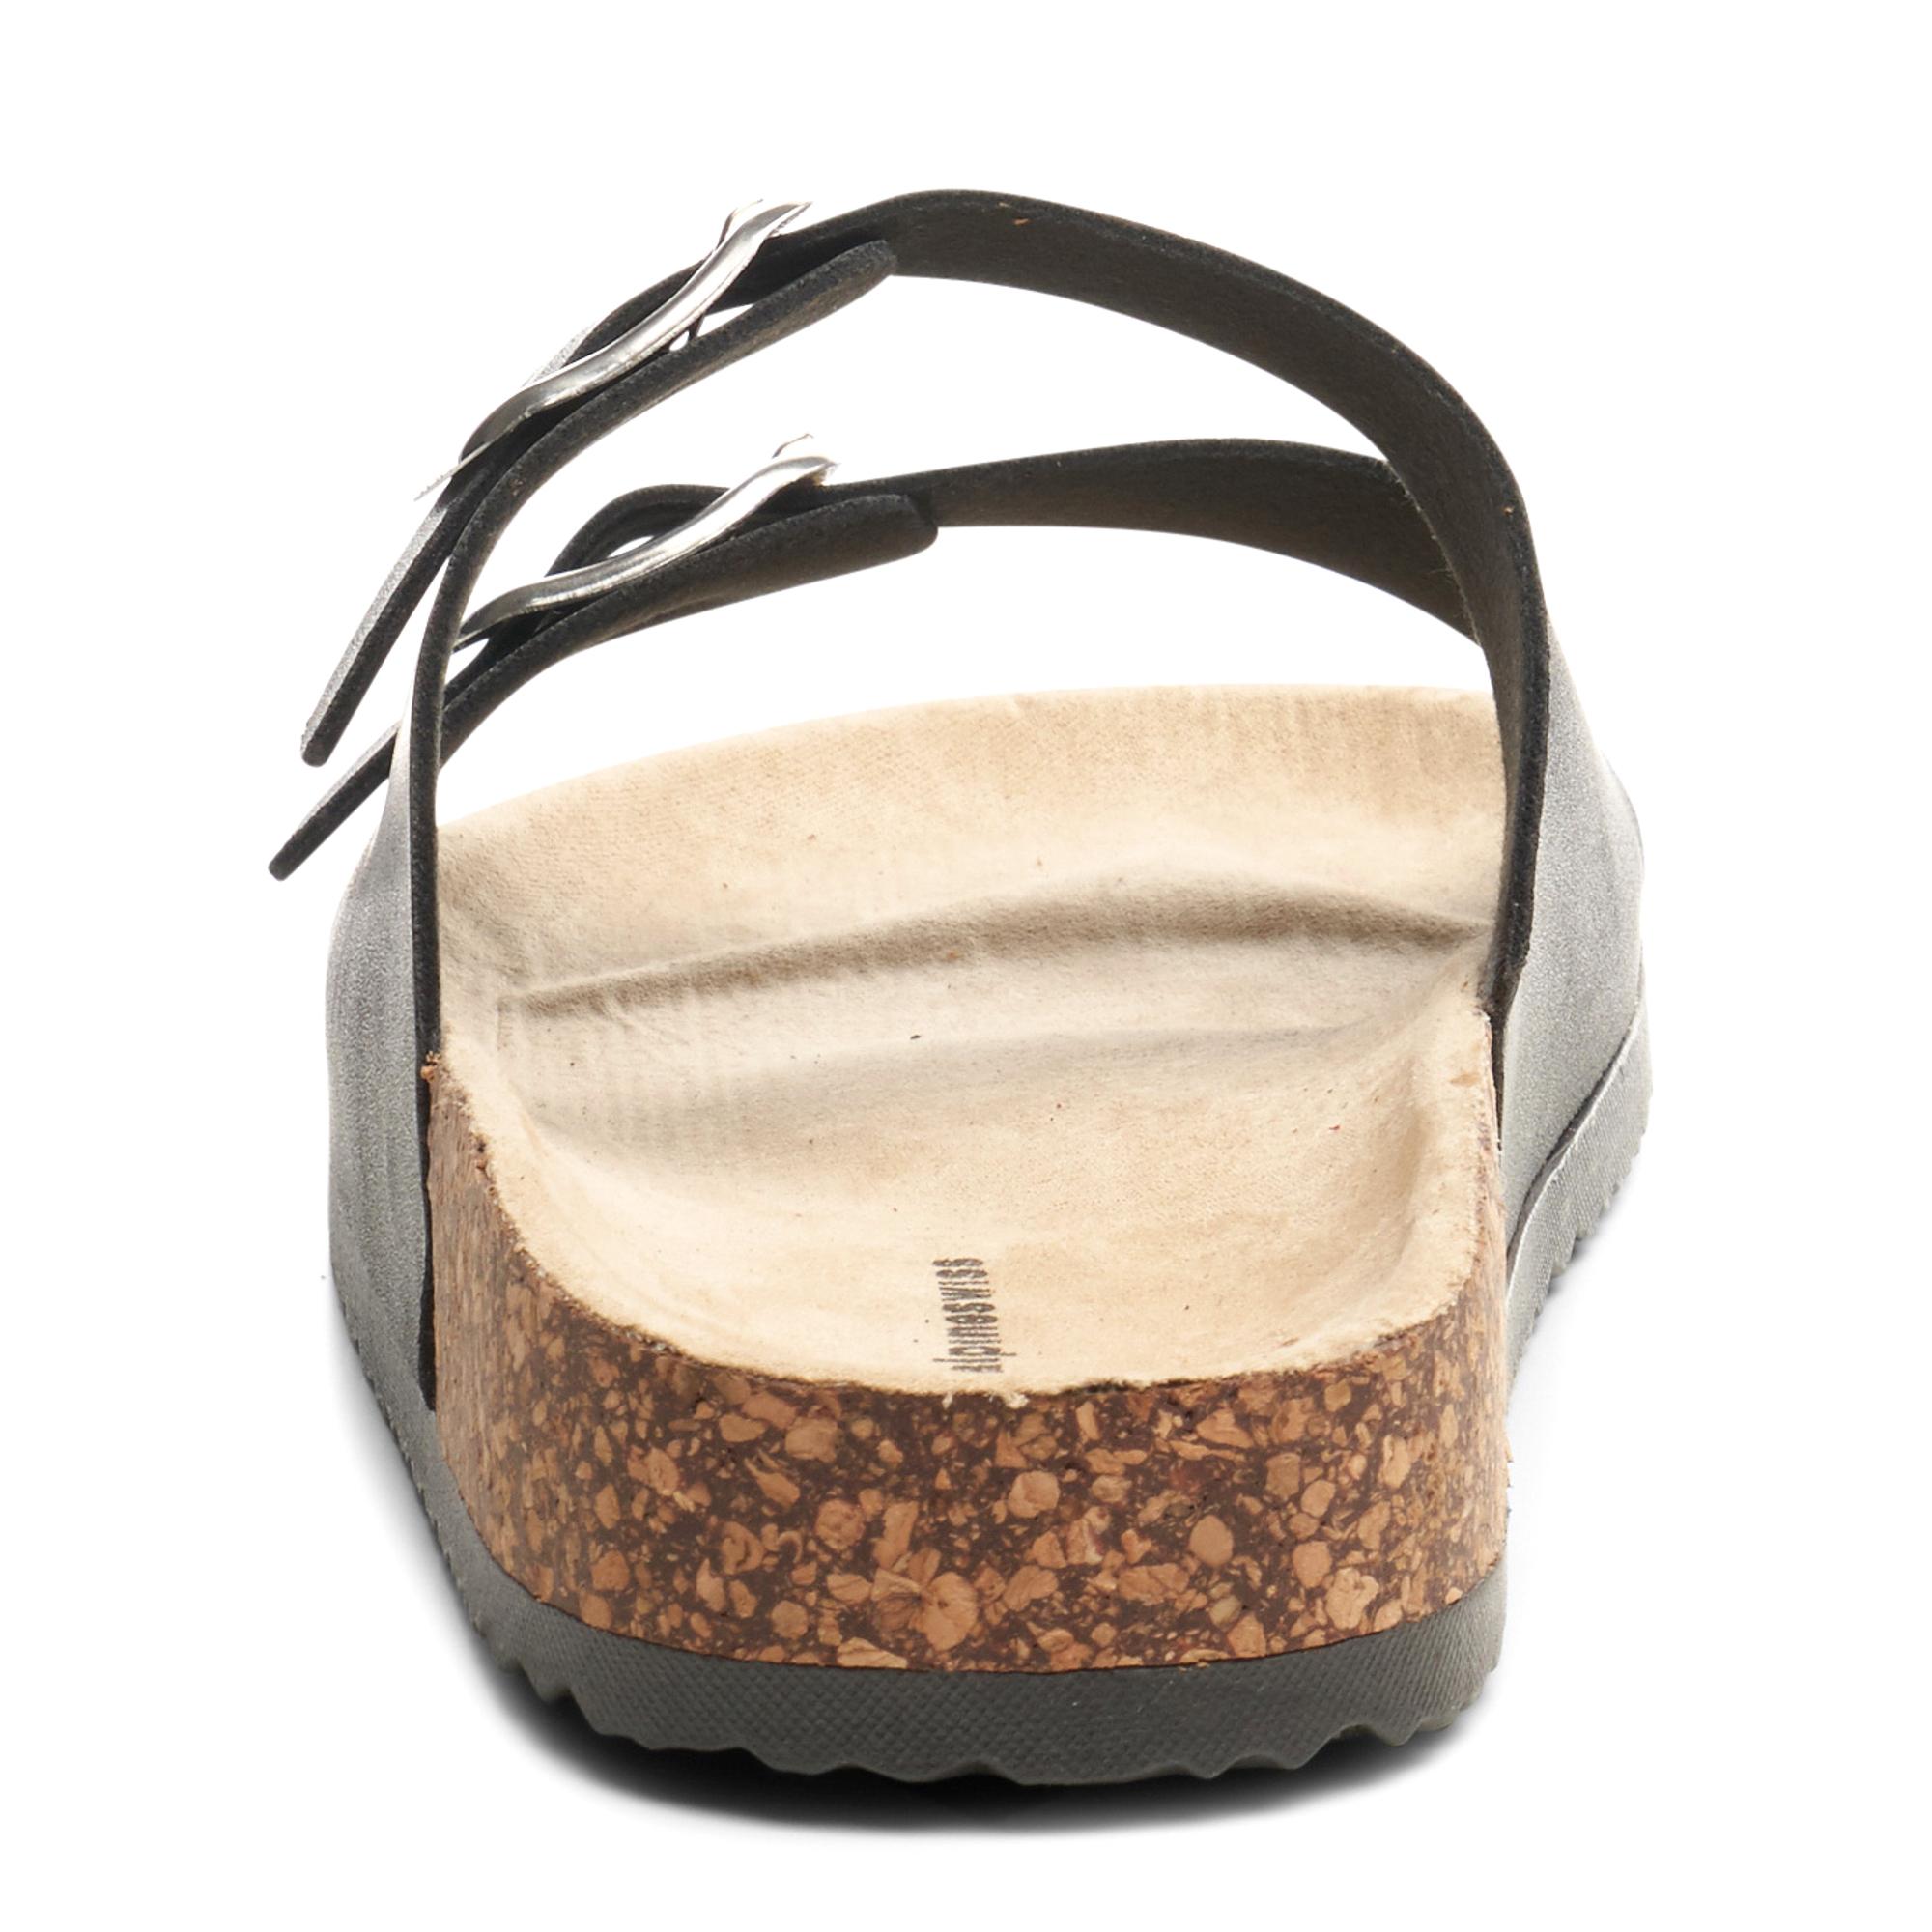 Alpine-Swiss-Womens-Double-Strap-Slide-Sandals-EVA-Sole-Flat-Comfort-Shoes thumbnail 16